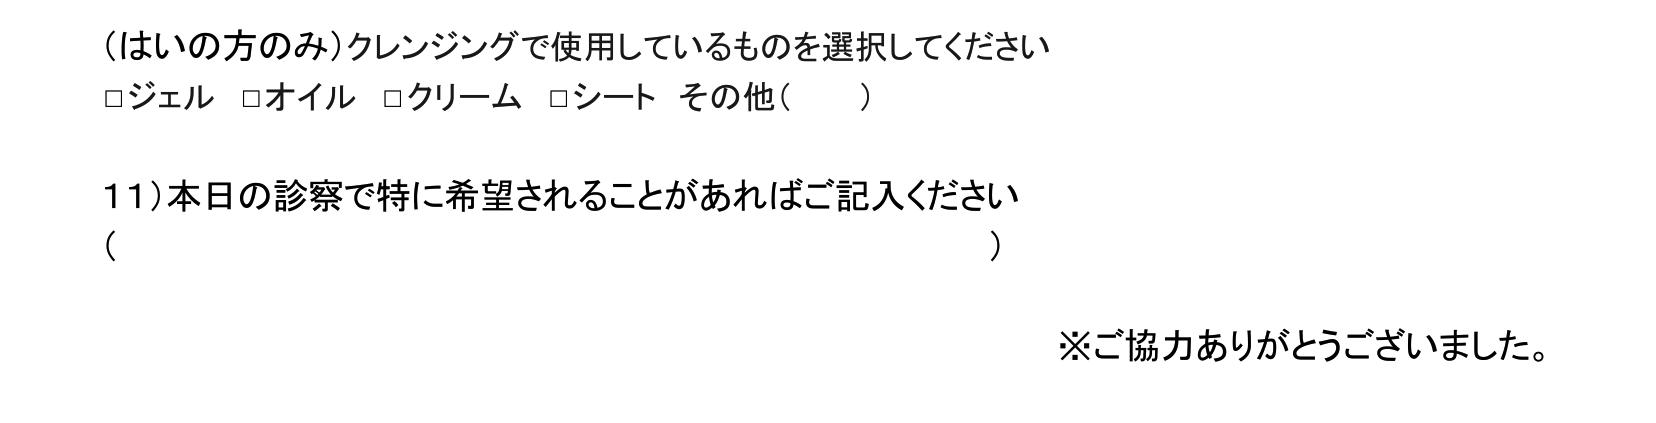 ニキビ問診票-2